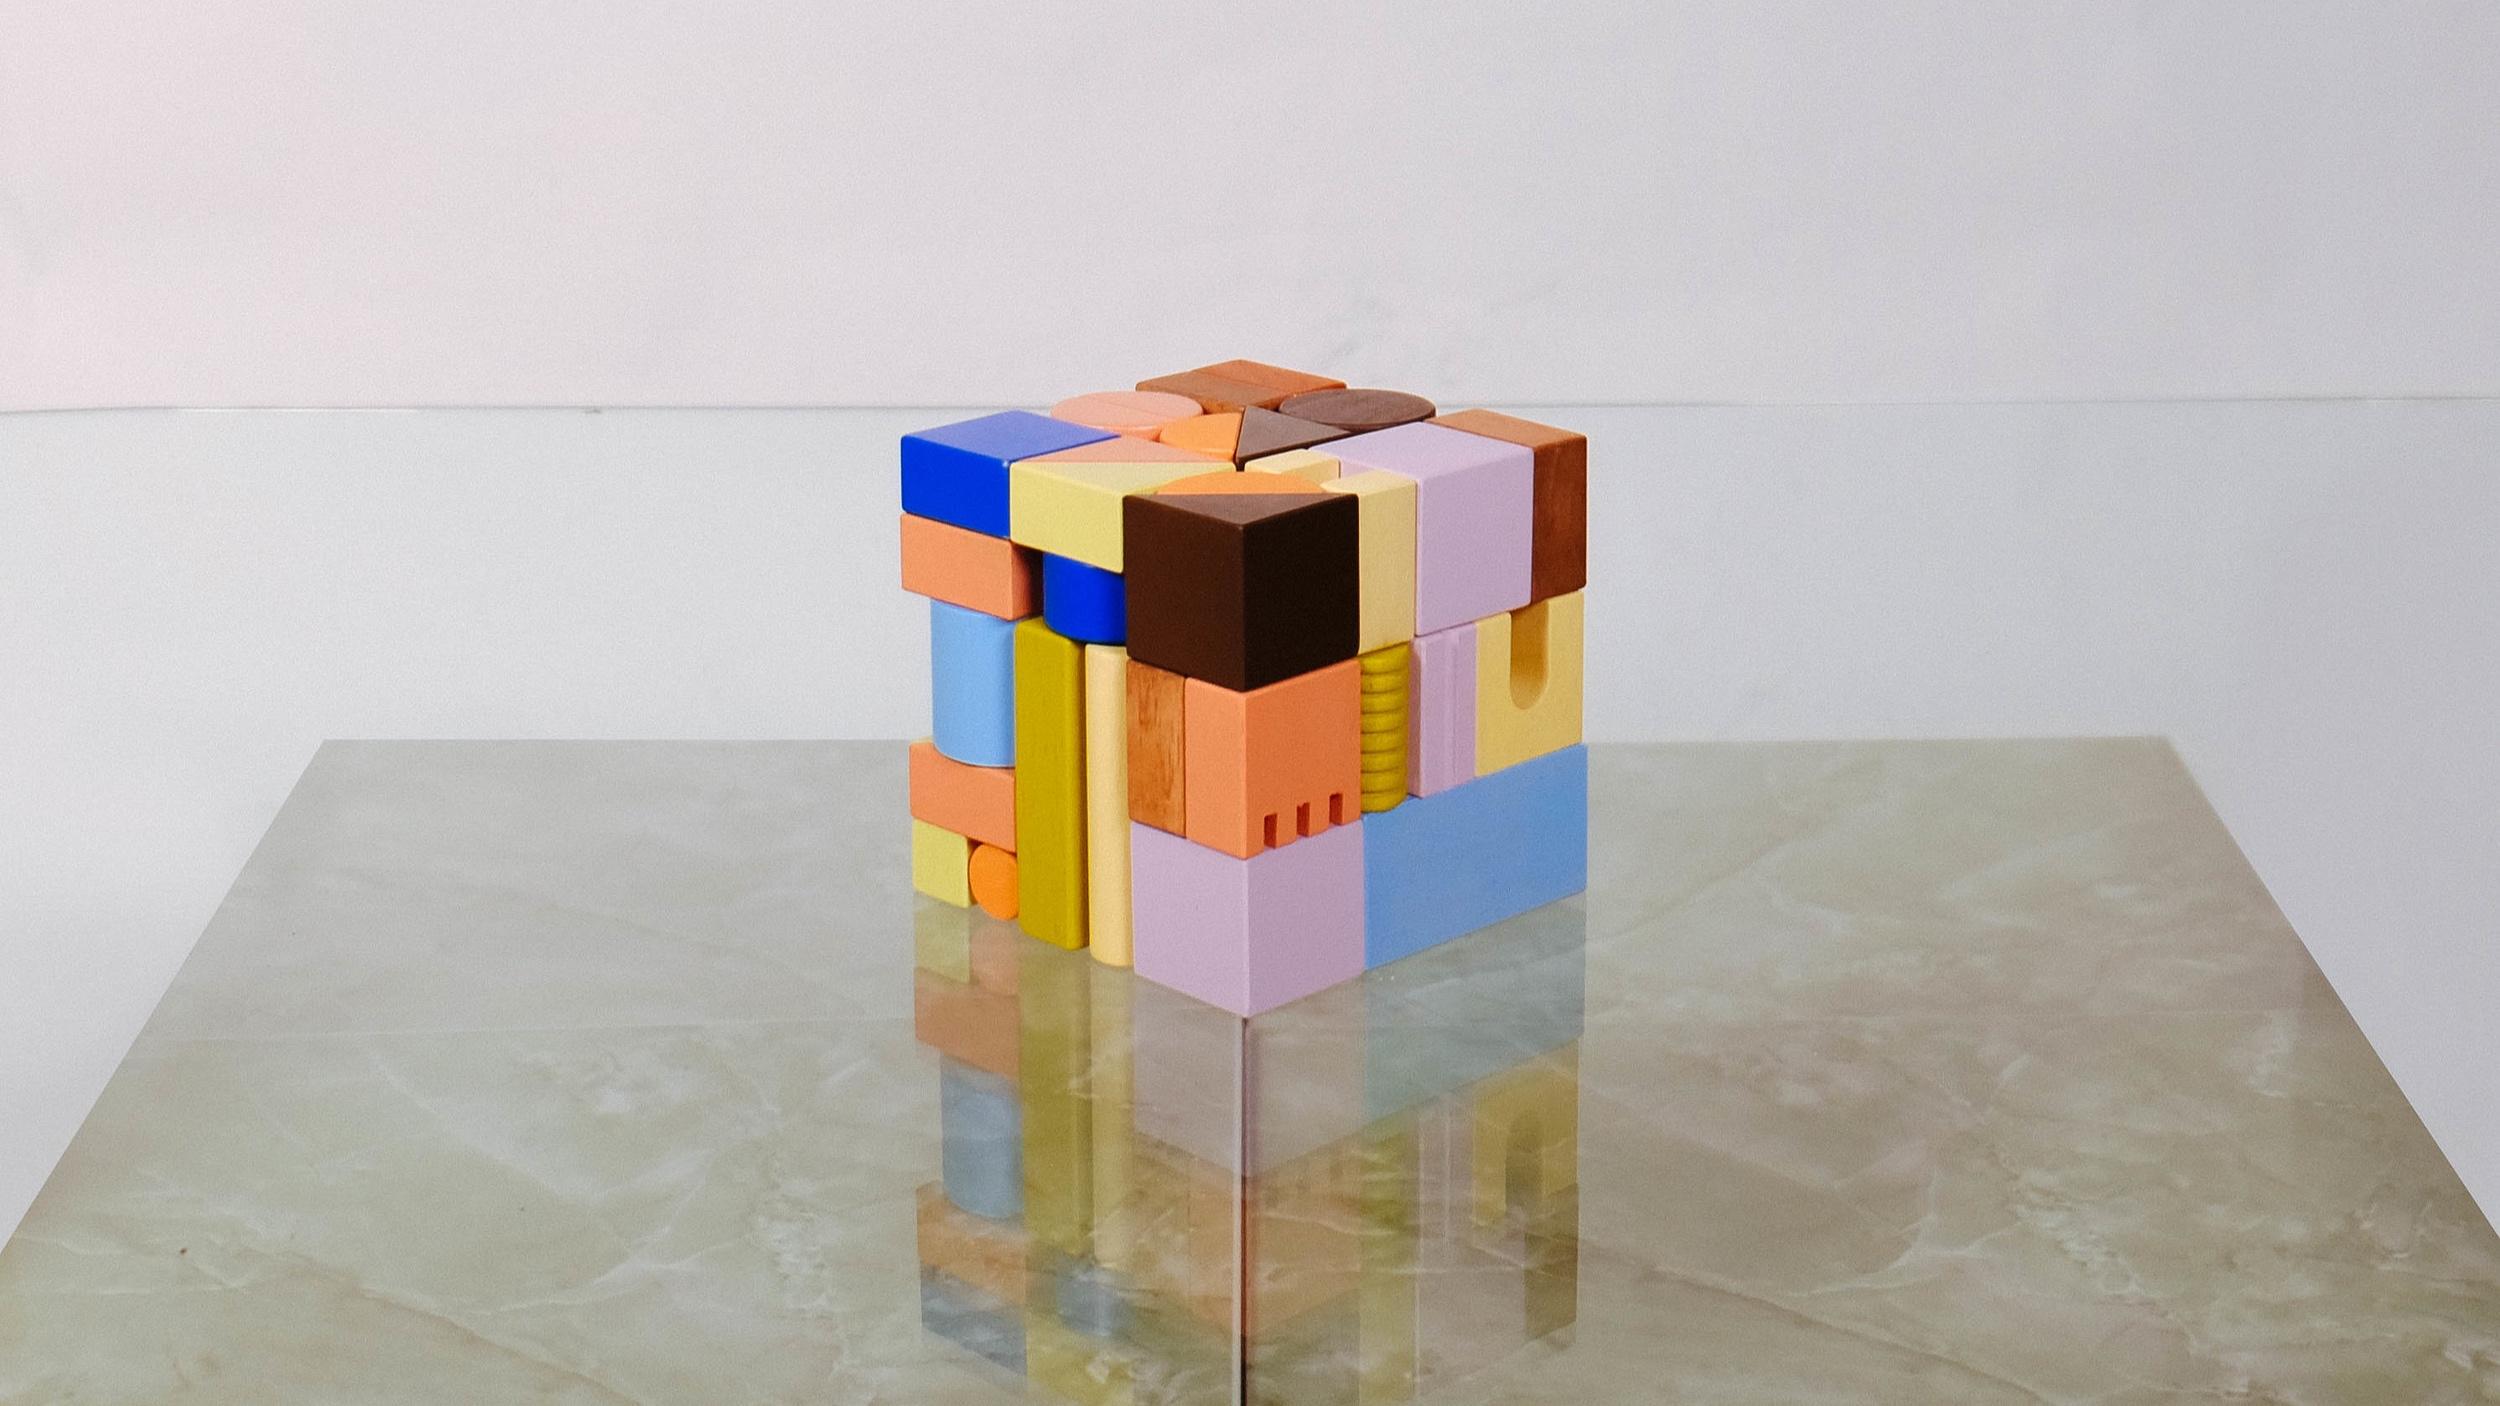 Mini Building Blocks - in multicolor cubes